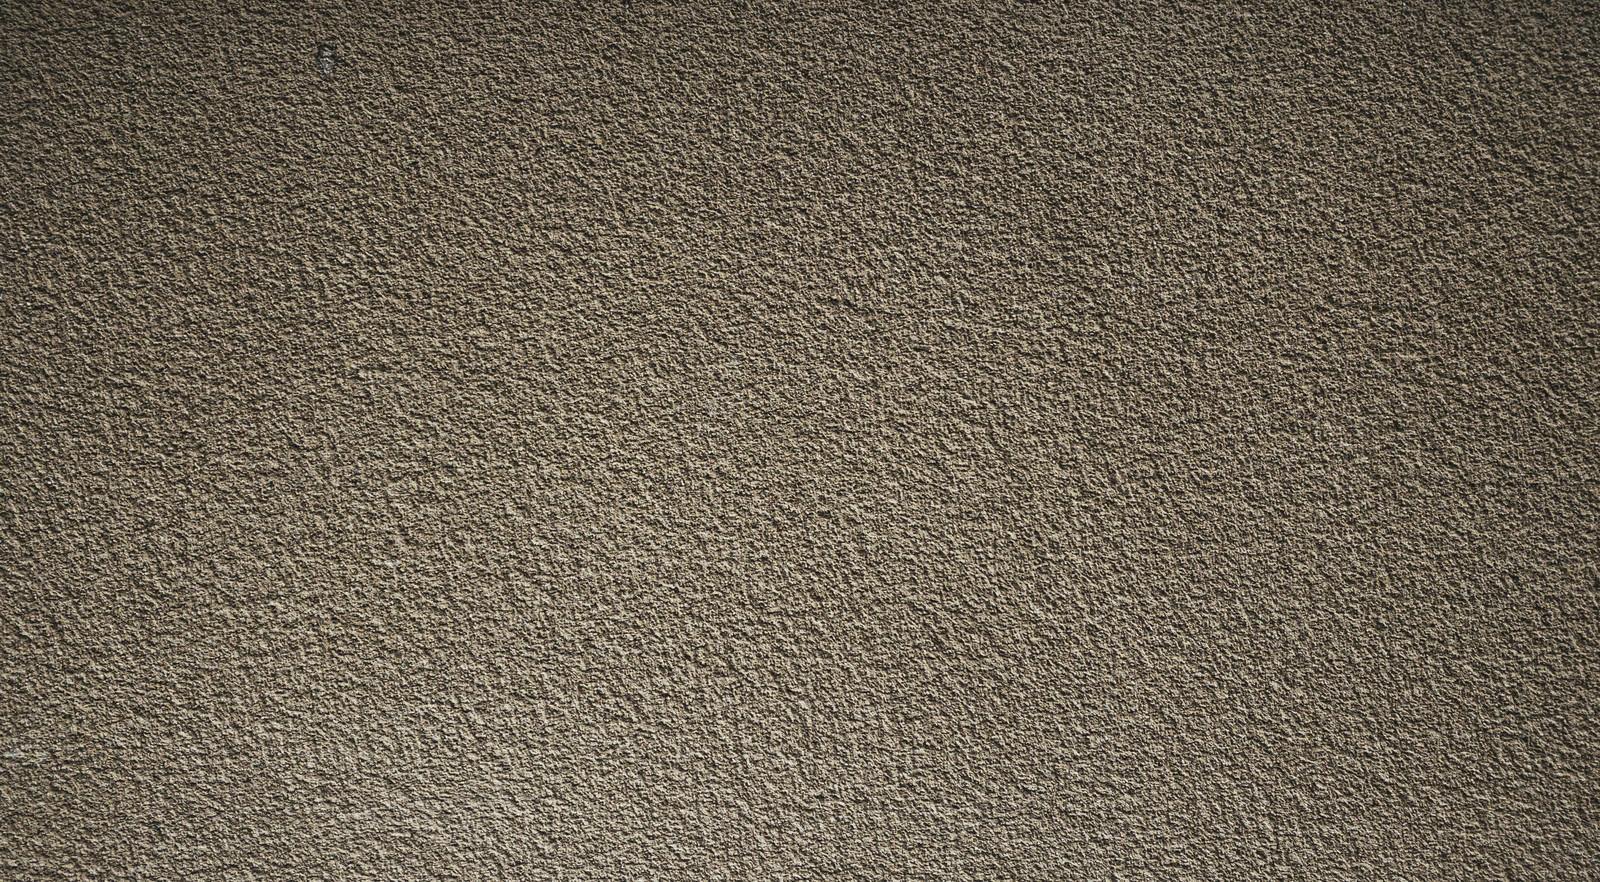 「古民家のザラザラした壁(テクスチャ)」の写真